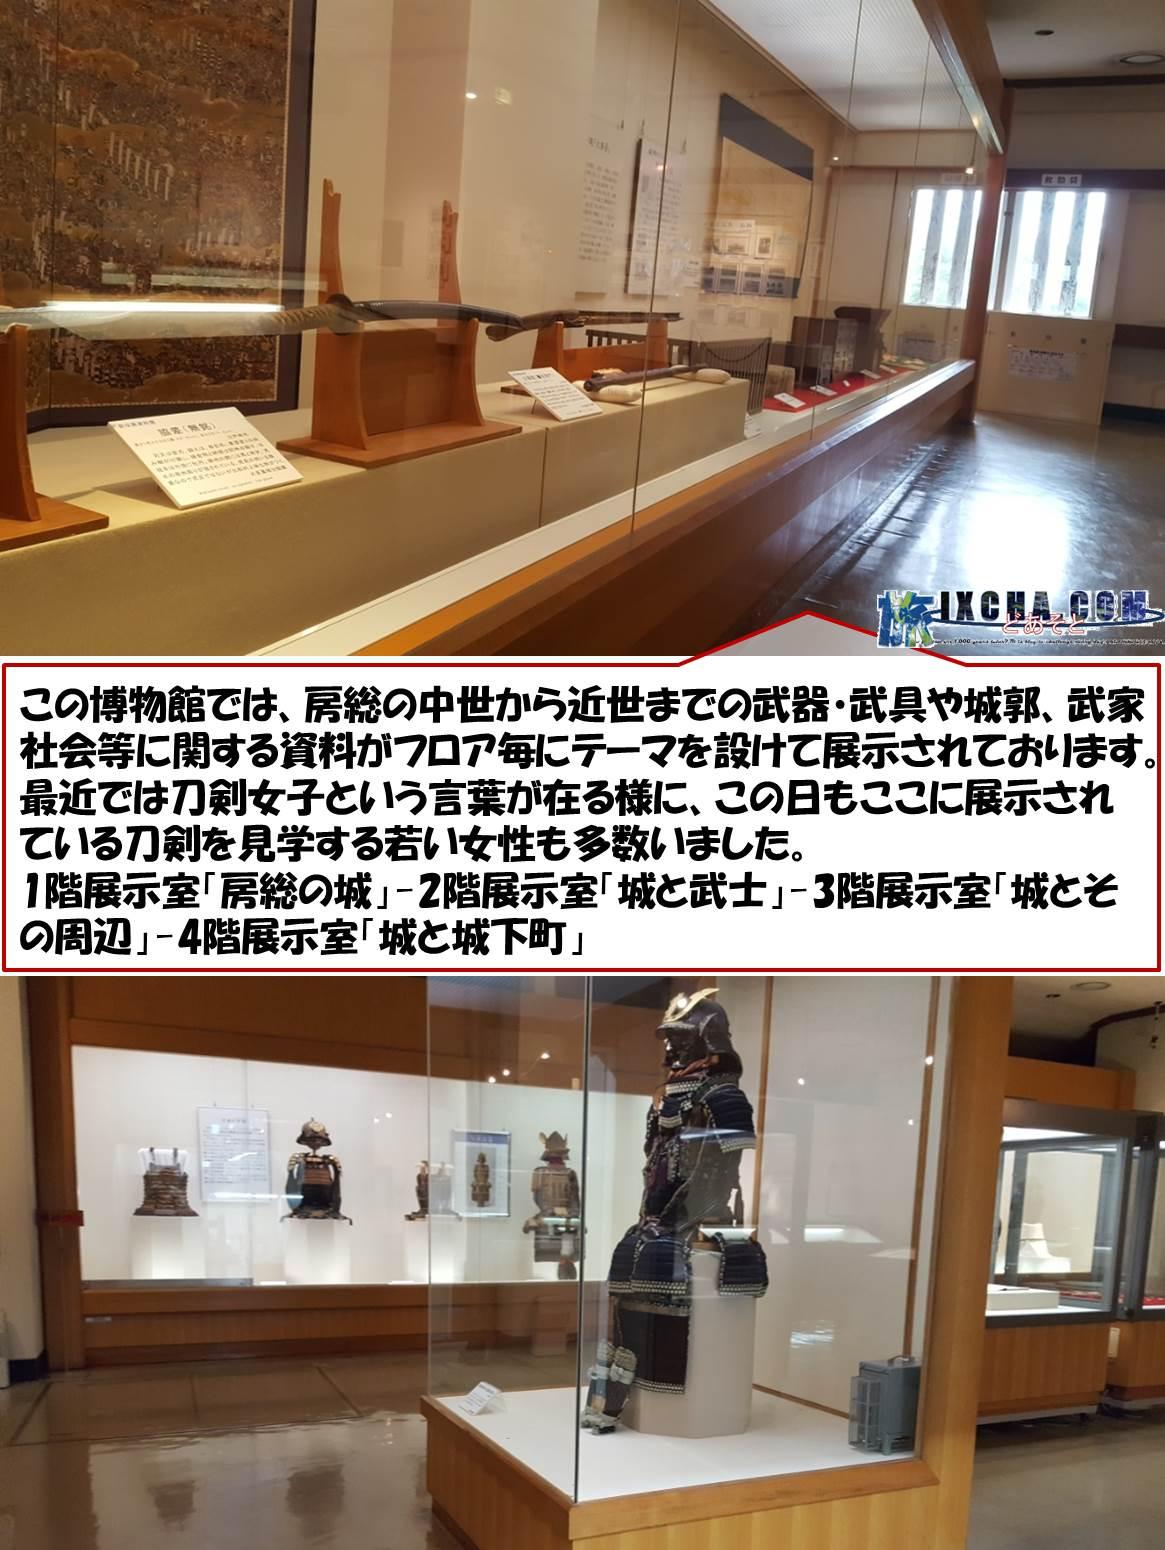 この博物館では、房総の中世から近世までの武器・武具や城郭、武家社会等に関する資料がフロア毎にテーマを設けて展示されております。 最近では刀剣女子という言葉が在る様に、この日もここに展示されている刀剣を見学する若い女性も多数いました。 1階展示室「房総の城」-2階展示室「城と武士」-3階展示室「城とその周辺」-4階展示室「城と城下町」